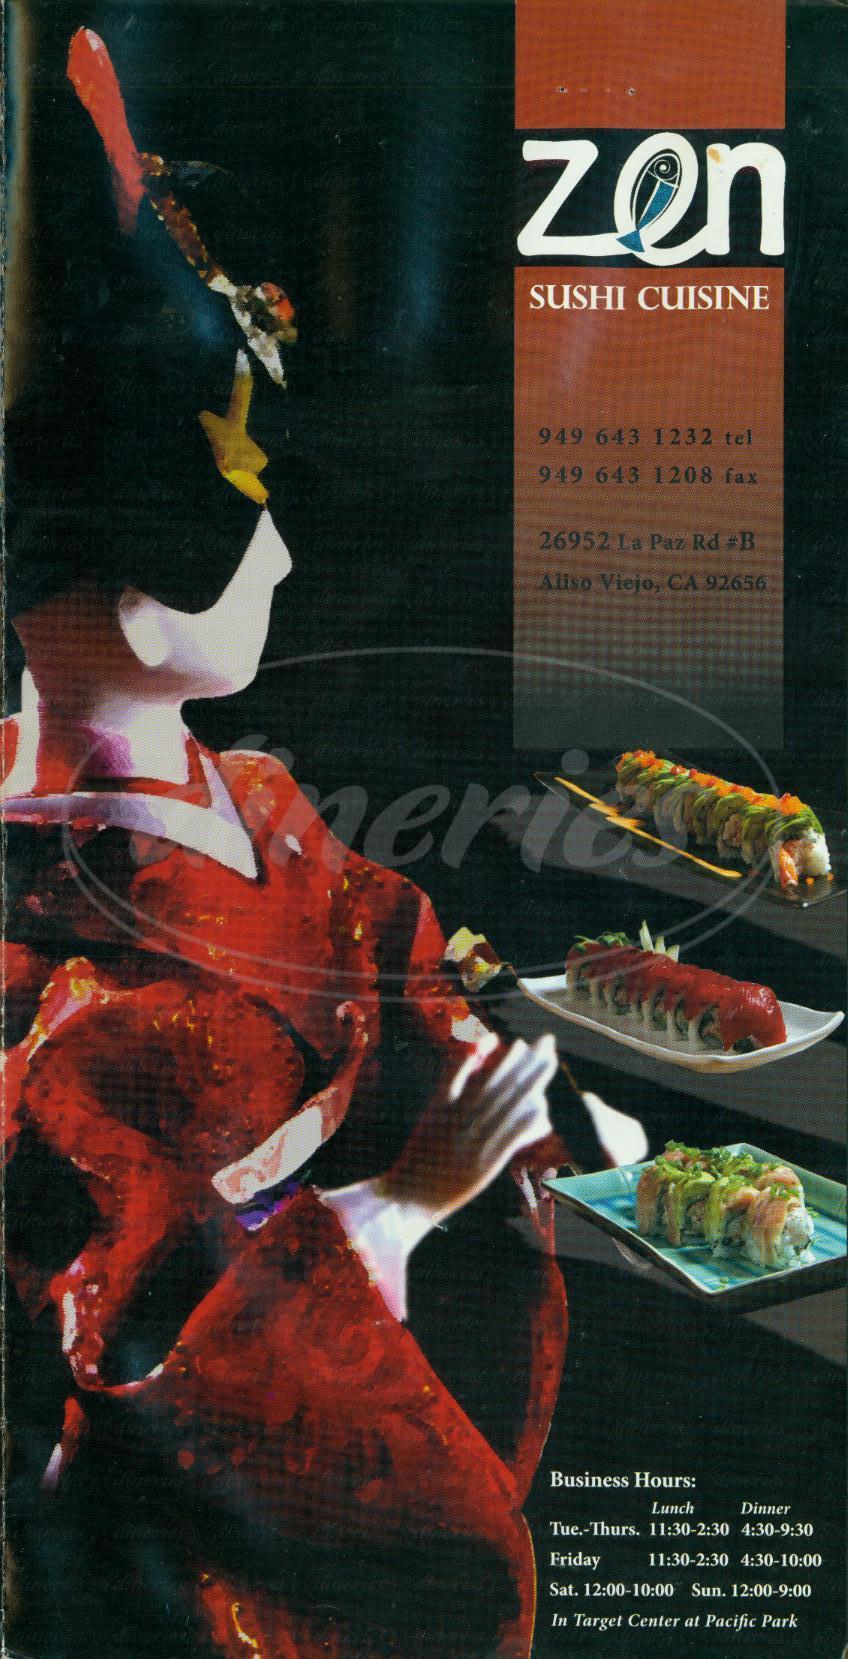 menu for Zen Sushi